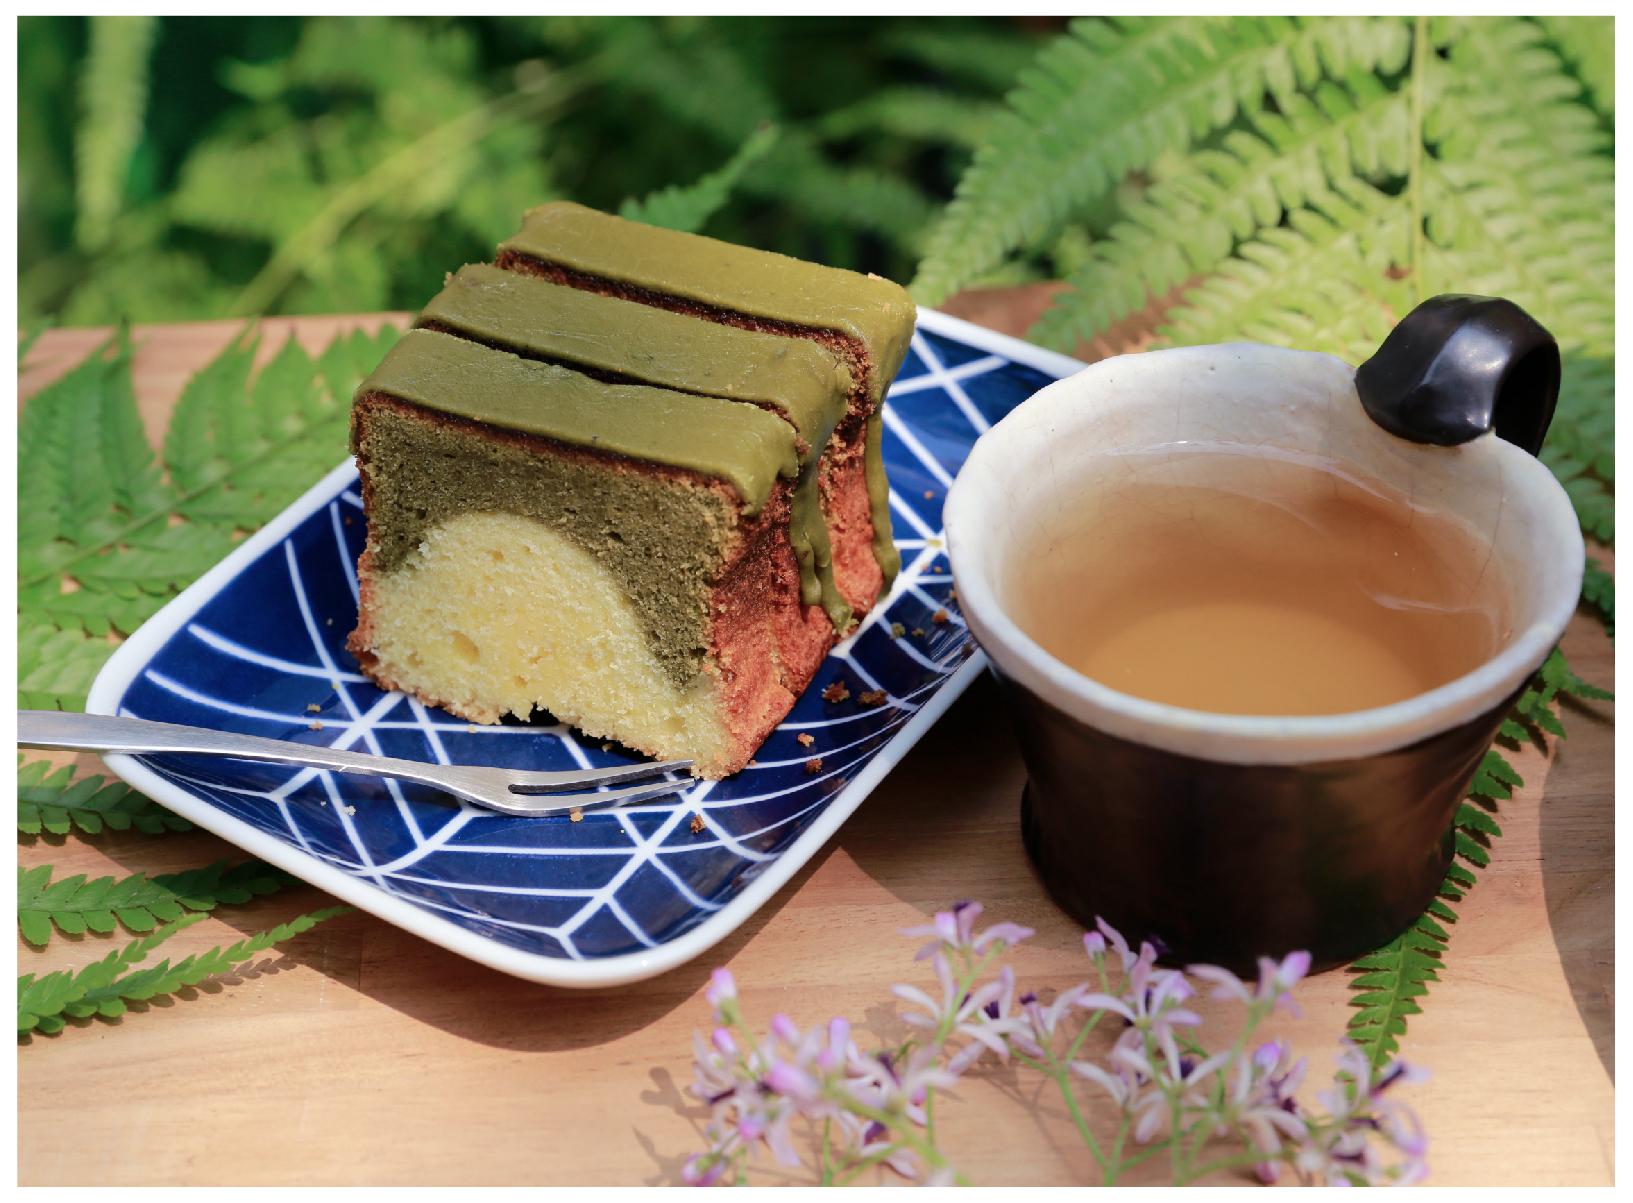 三峽碧螺春磅蛋糕 三峽碧螺春茶粉像是日本的宇治抹茶那樣有著屬於自己的獨特香氣,而且沒有任何添加物,成為來甘樂食堂裡的人氣手工蛋糕,配上一杯碧螺春綠茶,給您最具代表三峽的午茶體驗! | 甘樂食堂下午茶 | 古厝裡的美味時光